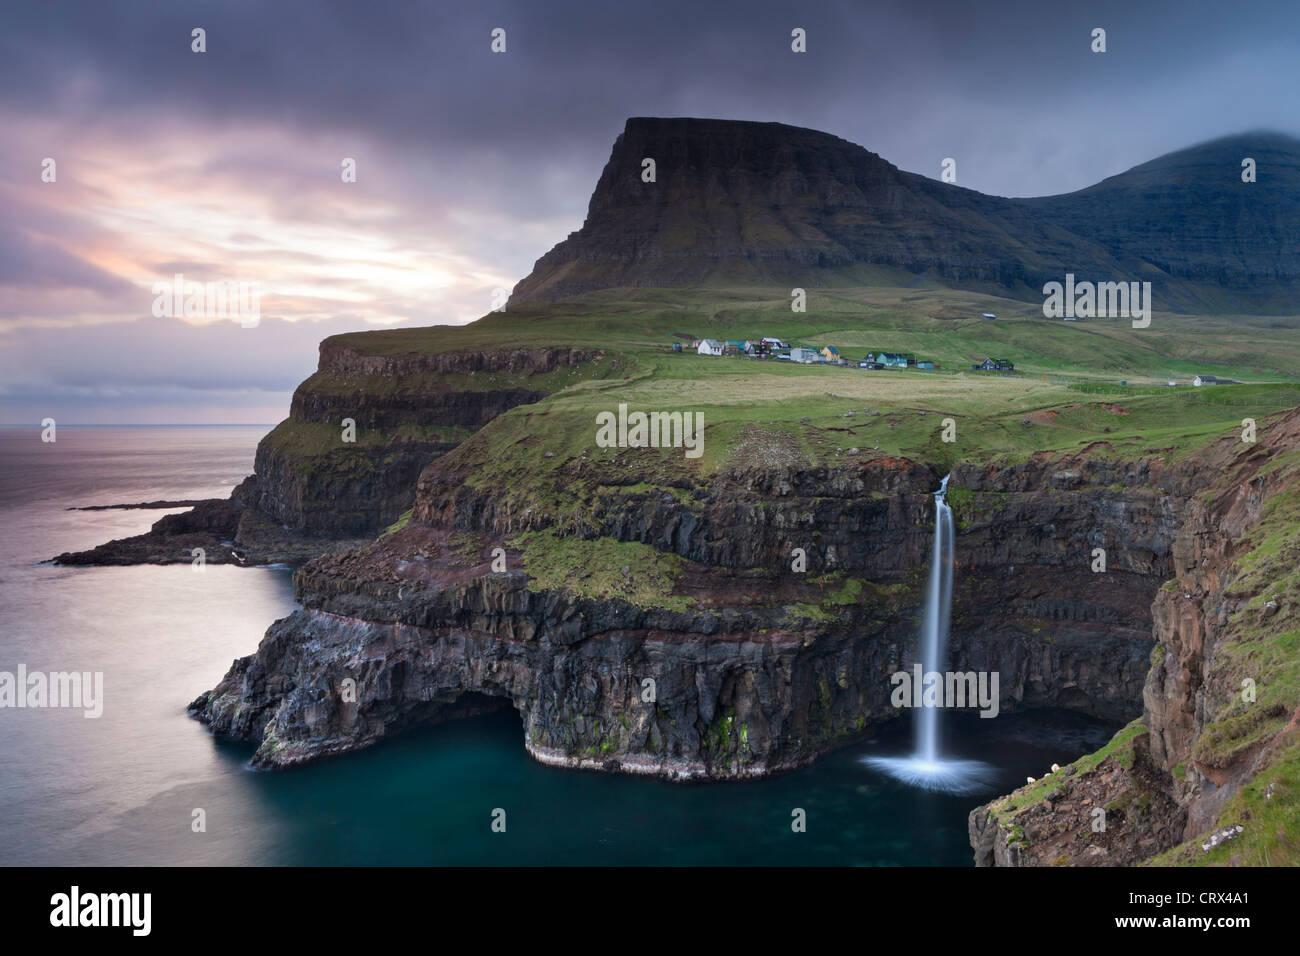 En Gasadalur espectacular paisaje de la costa de la isla de Vagar, Islas Feroe. La primavera (Mayo de 2012). Imagen De Stock